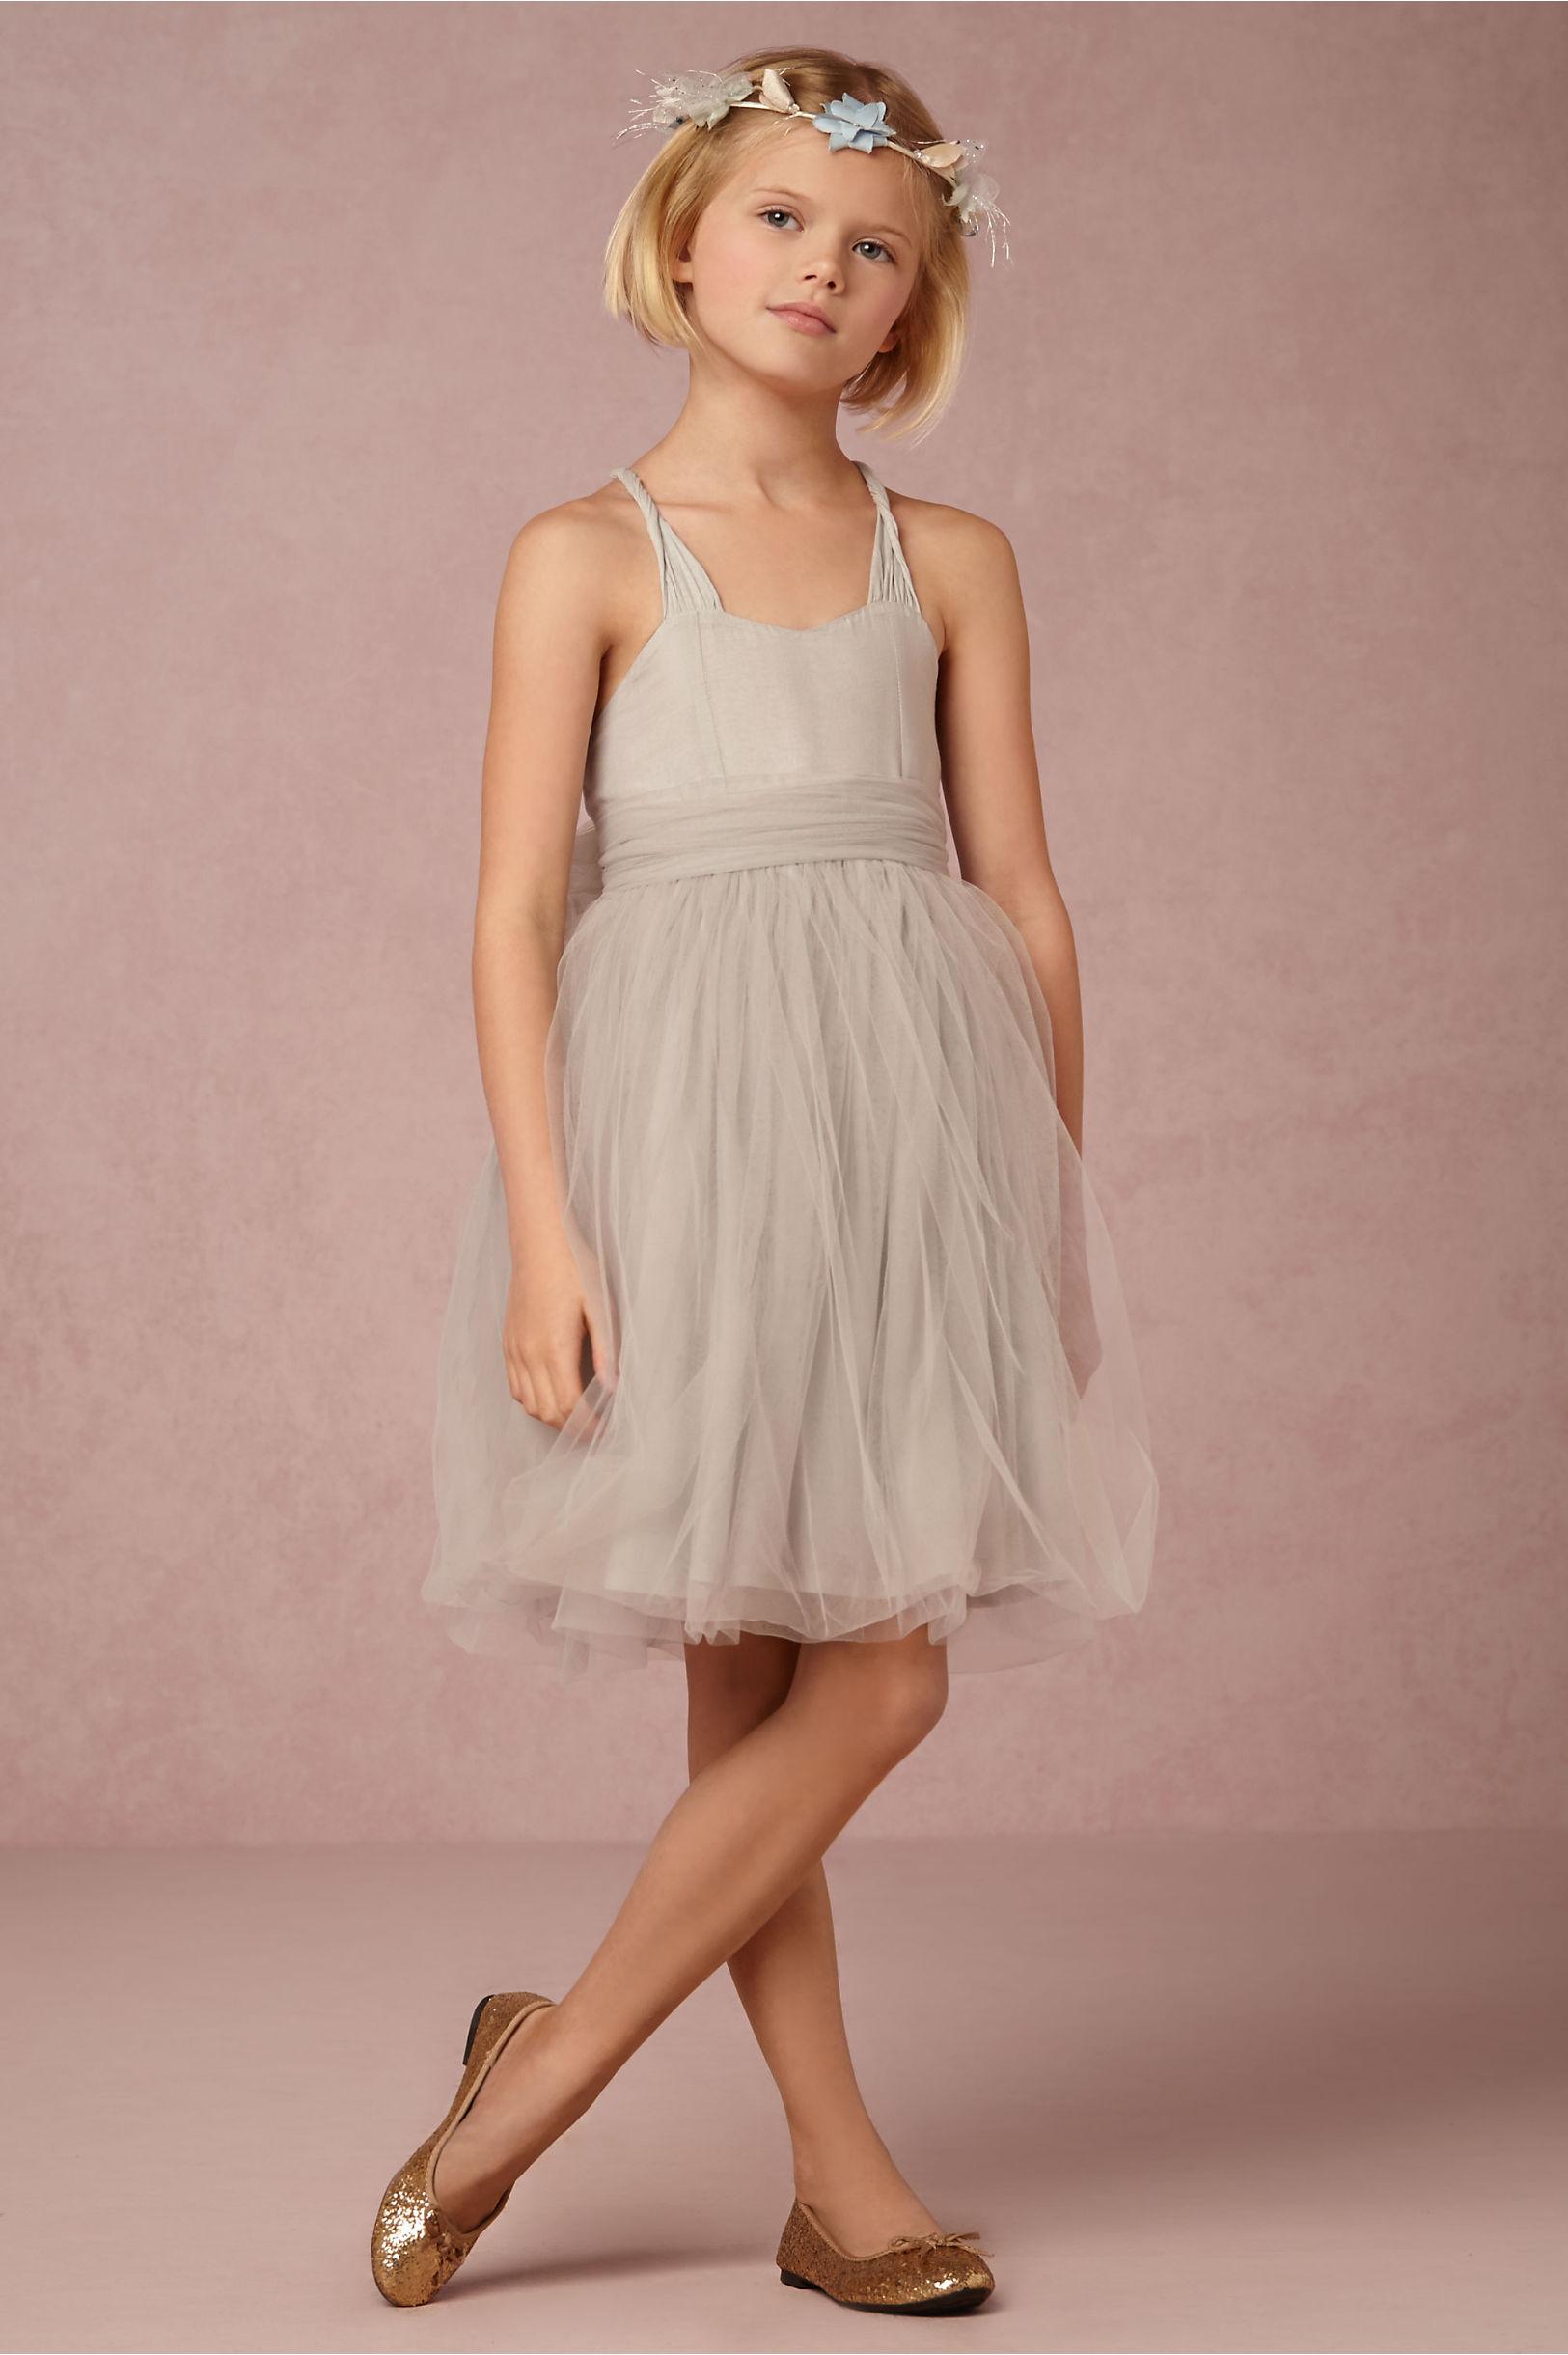 Peach Dress in Sale | BHLDN